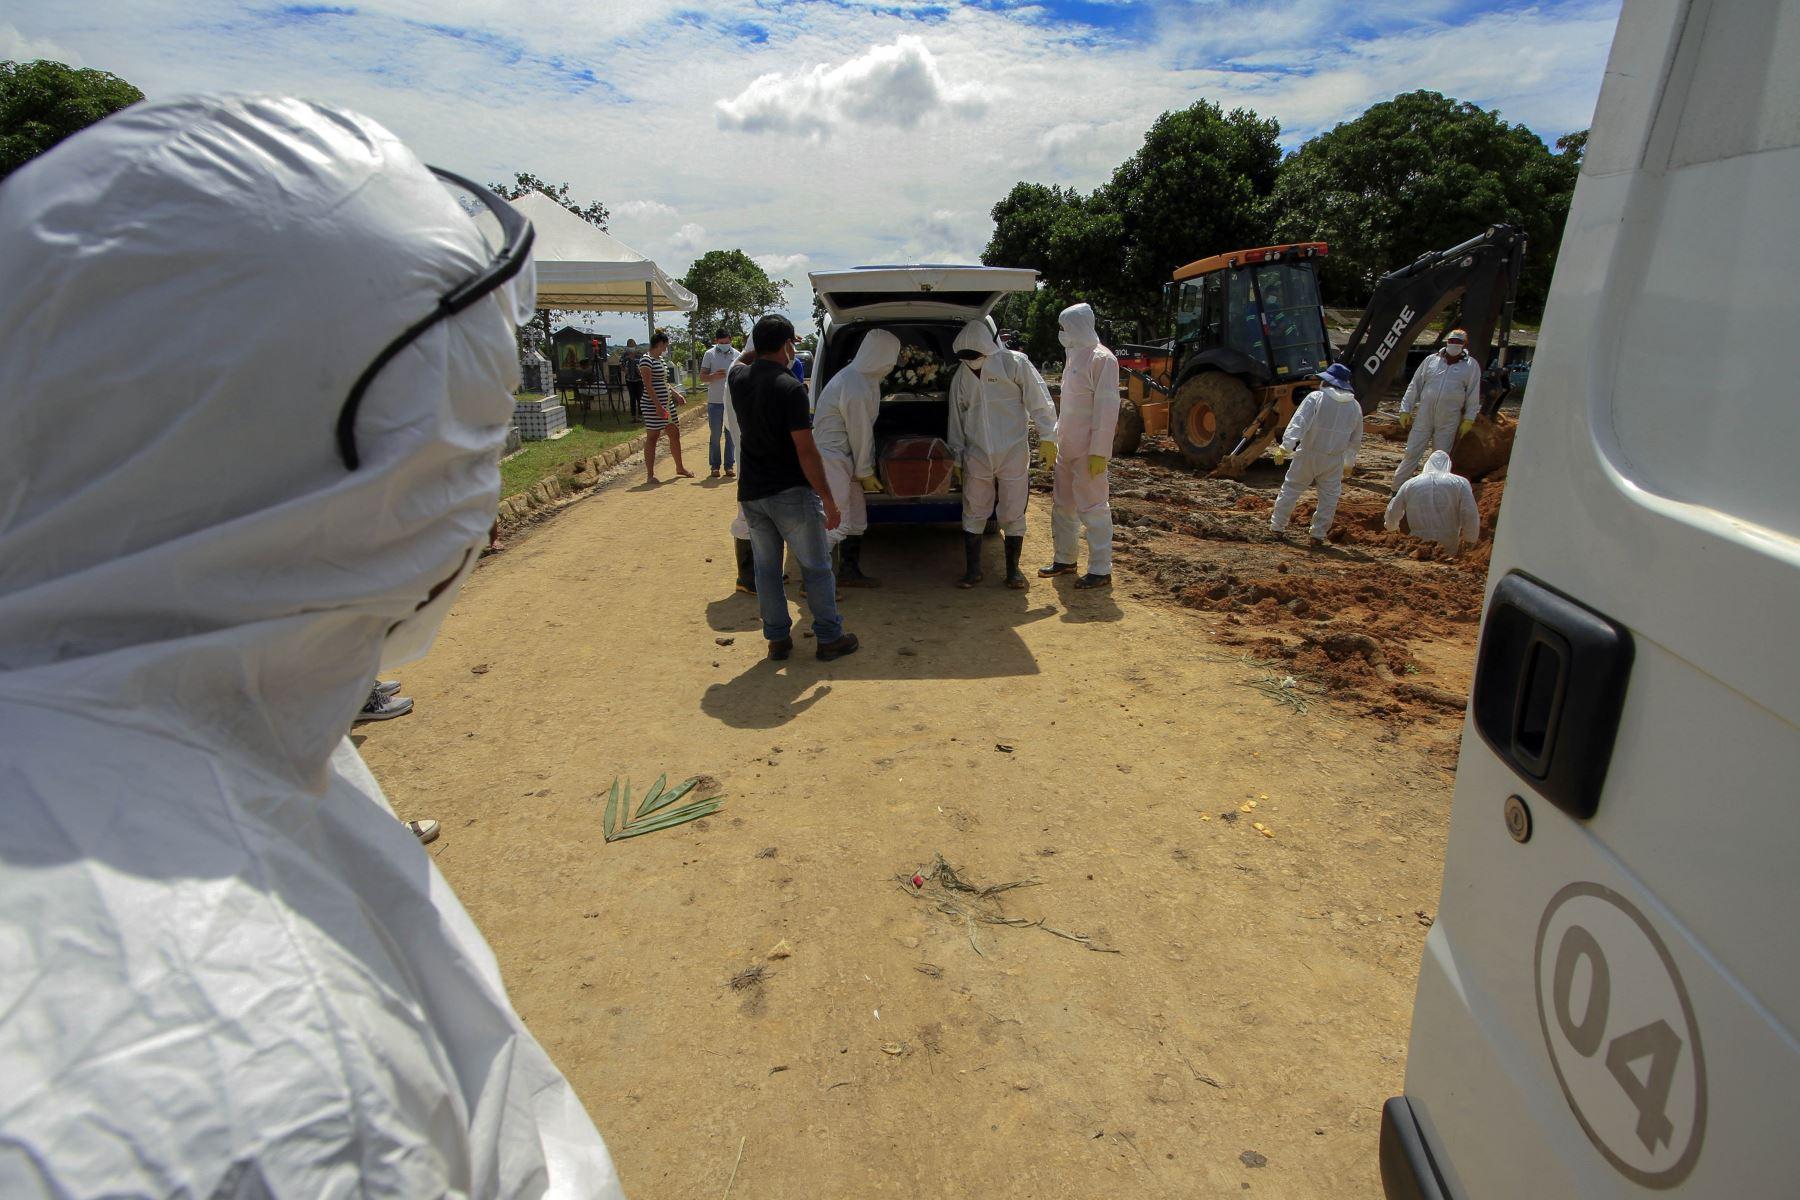 Unidad de atención médica improvisada en el barrio indígena Parque das Tribos, ubicado en la ciudad de Manaos. Foto: AFP